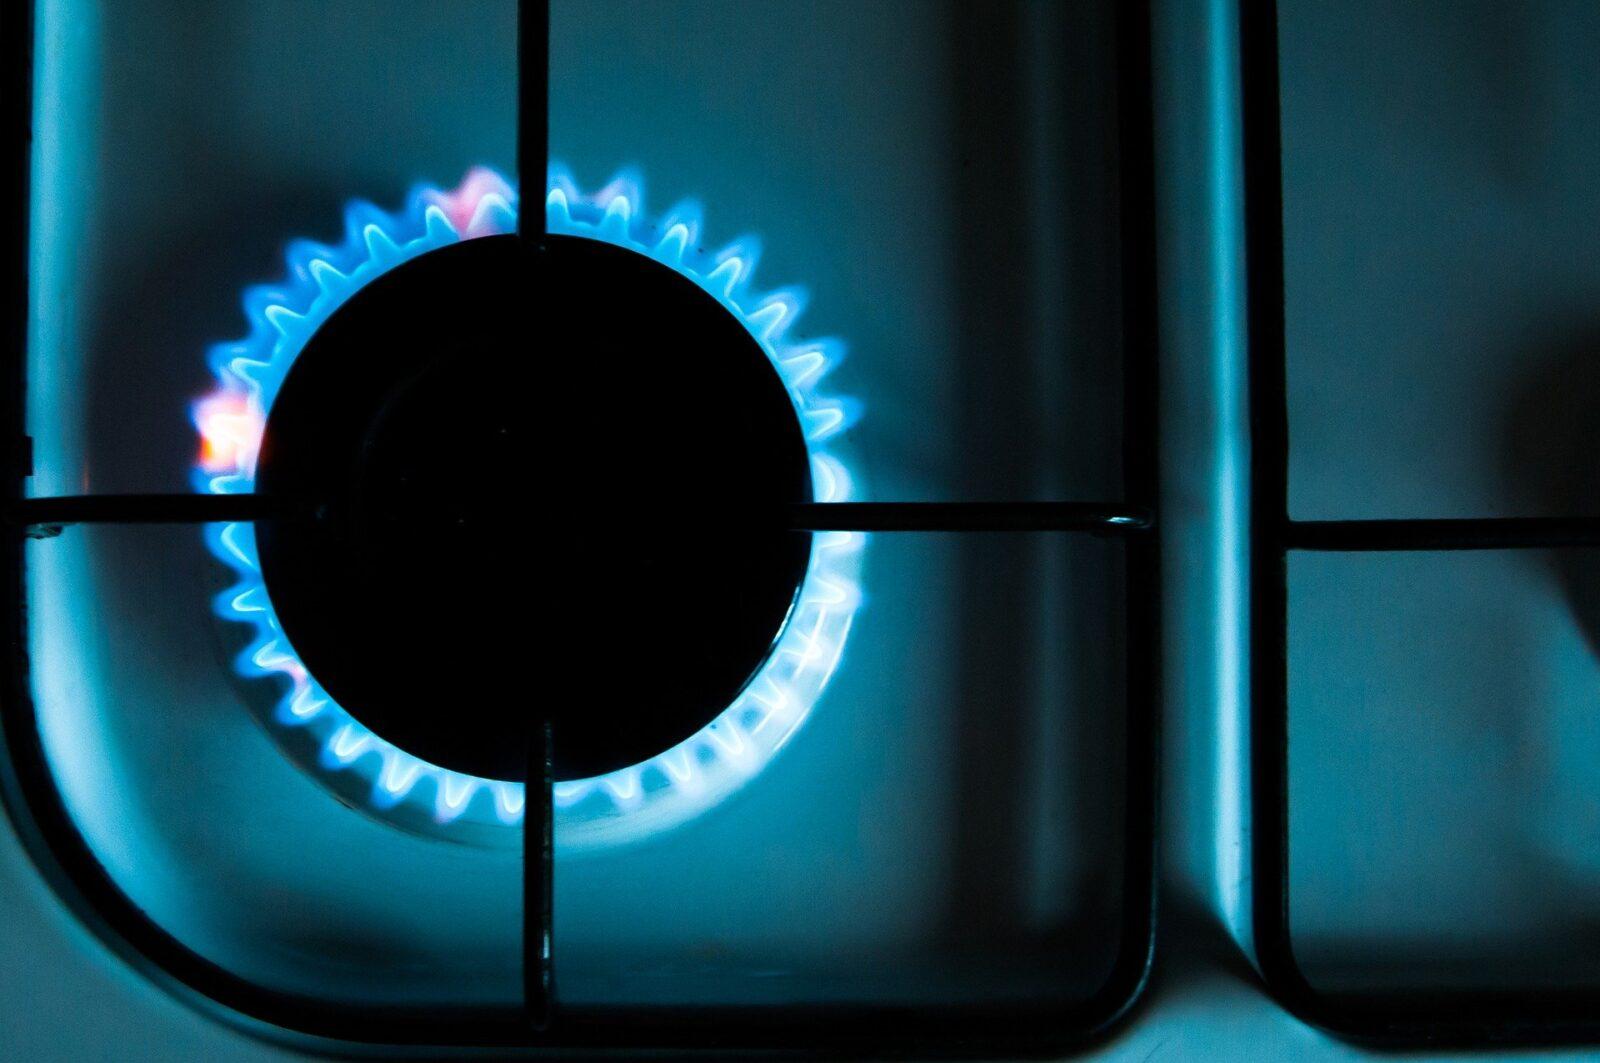 Узбекистан возобновил поставки природного газа на юго-запад Таджикистана спустя 10 лет